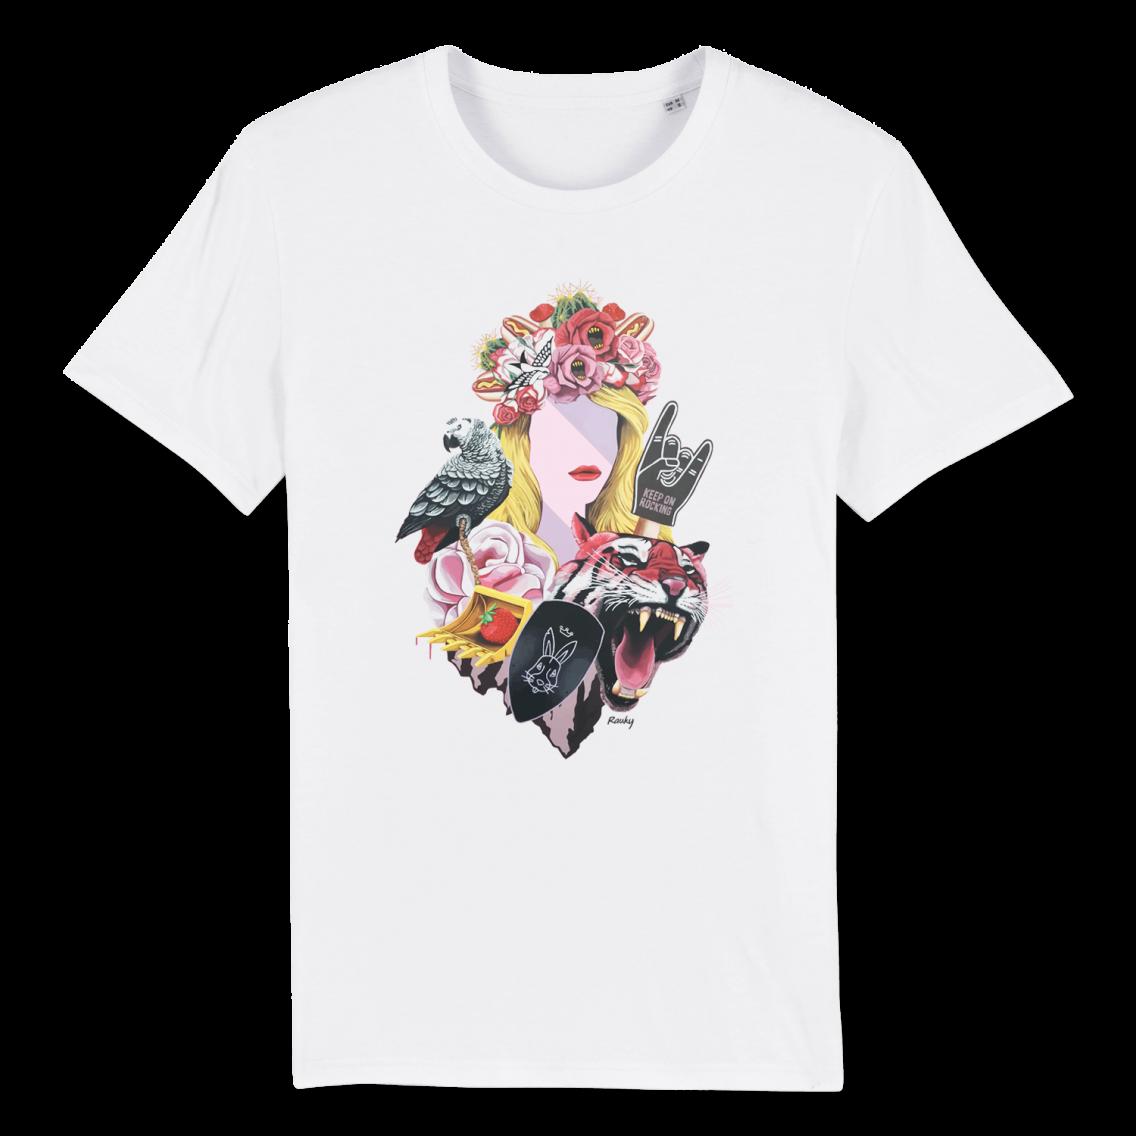 Rauky tshirt - Atelier du Quai